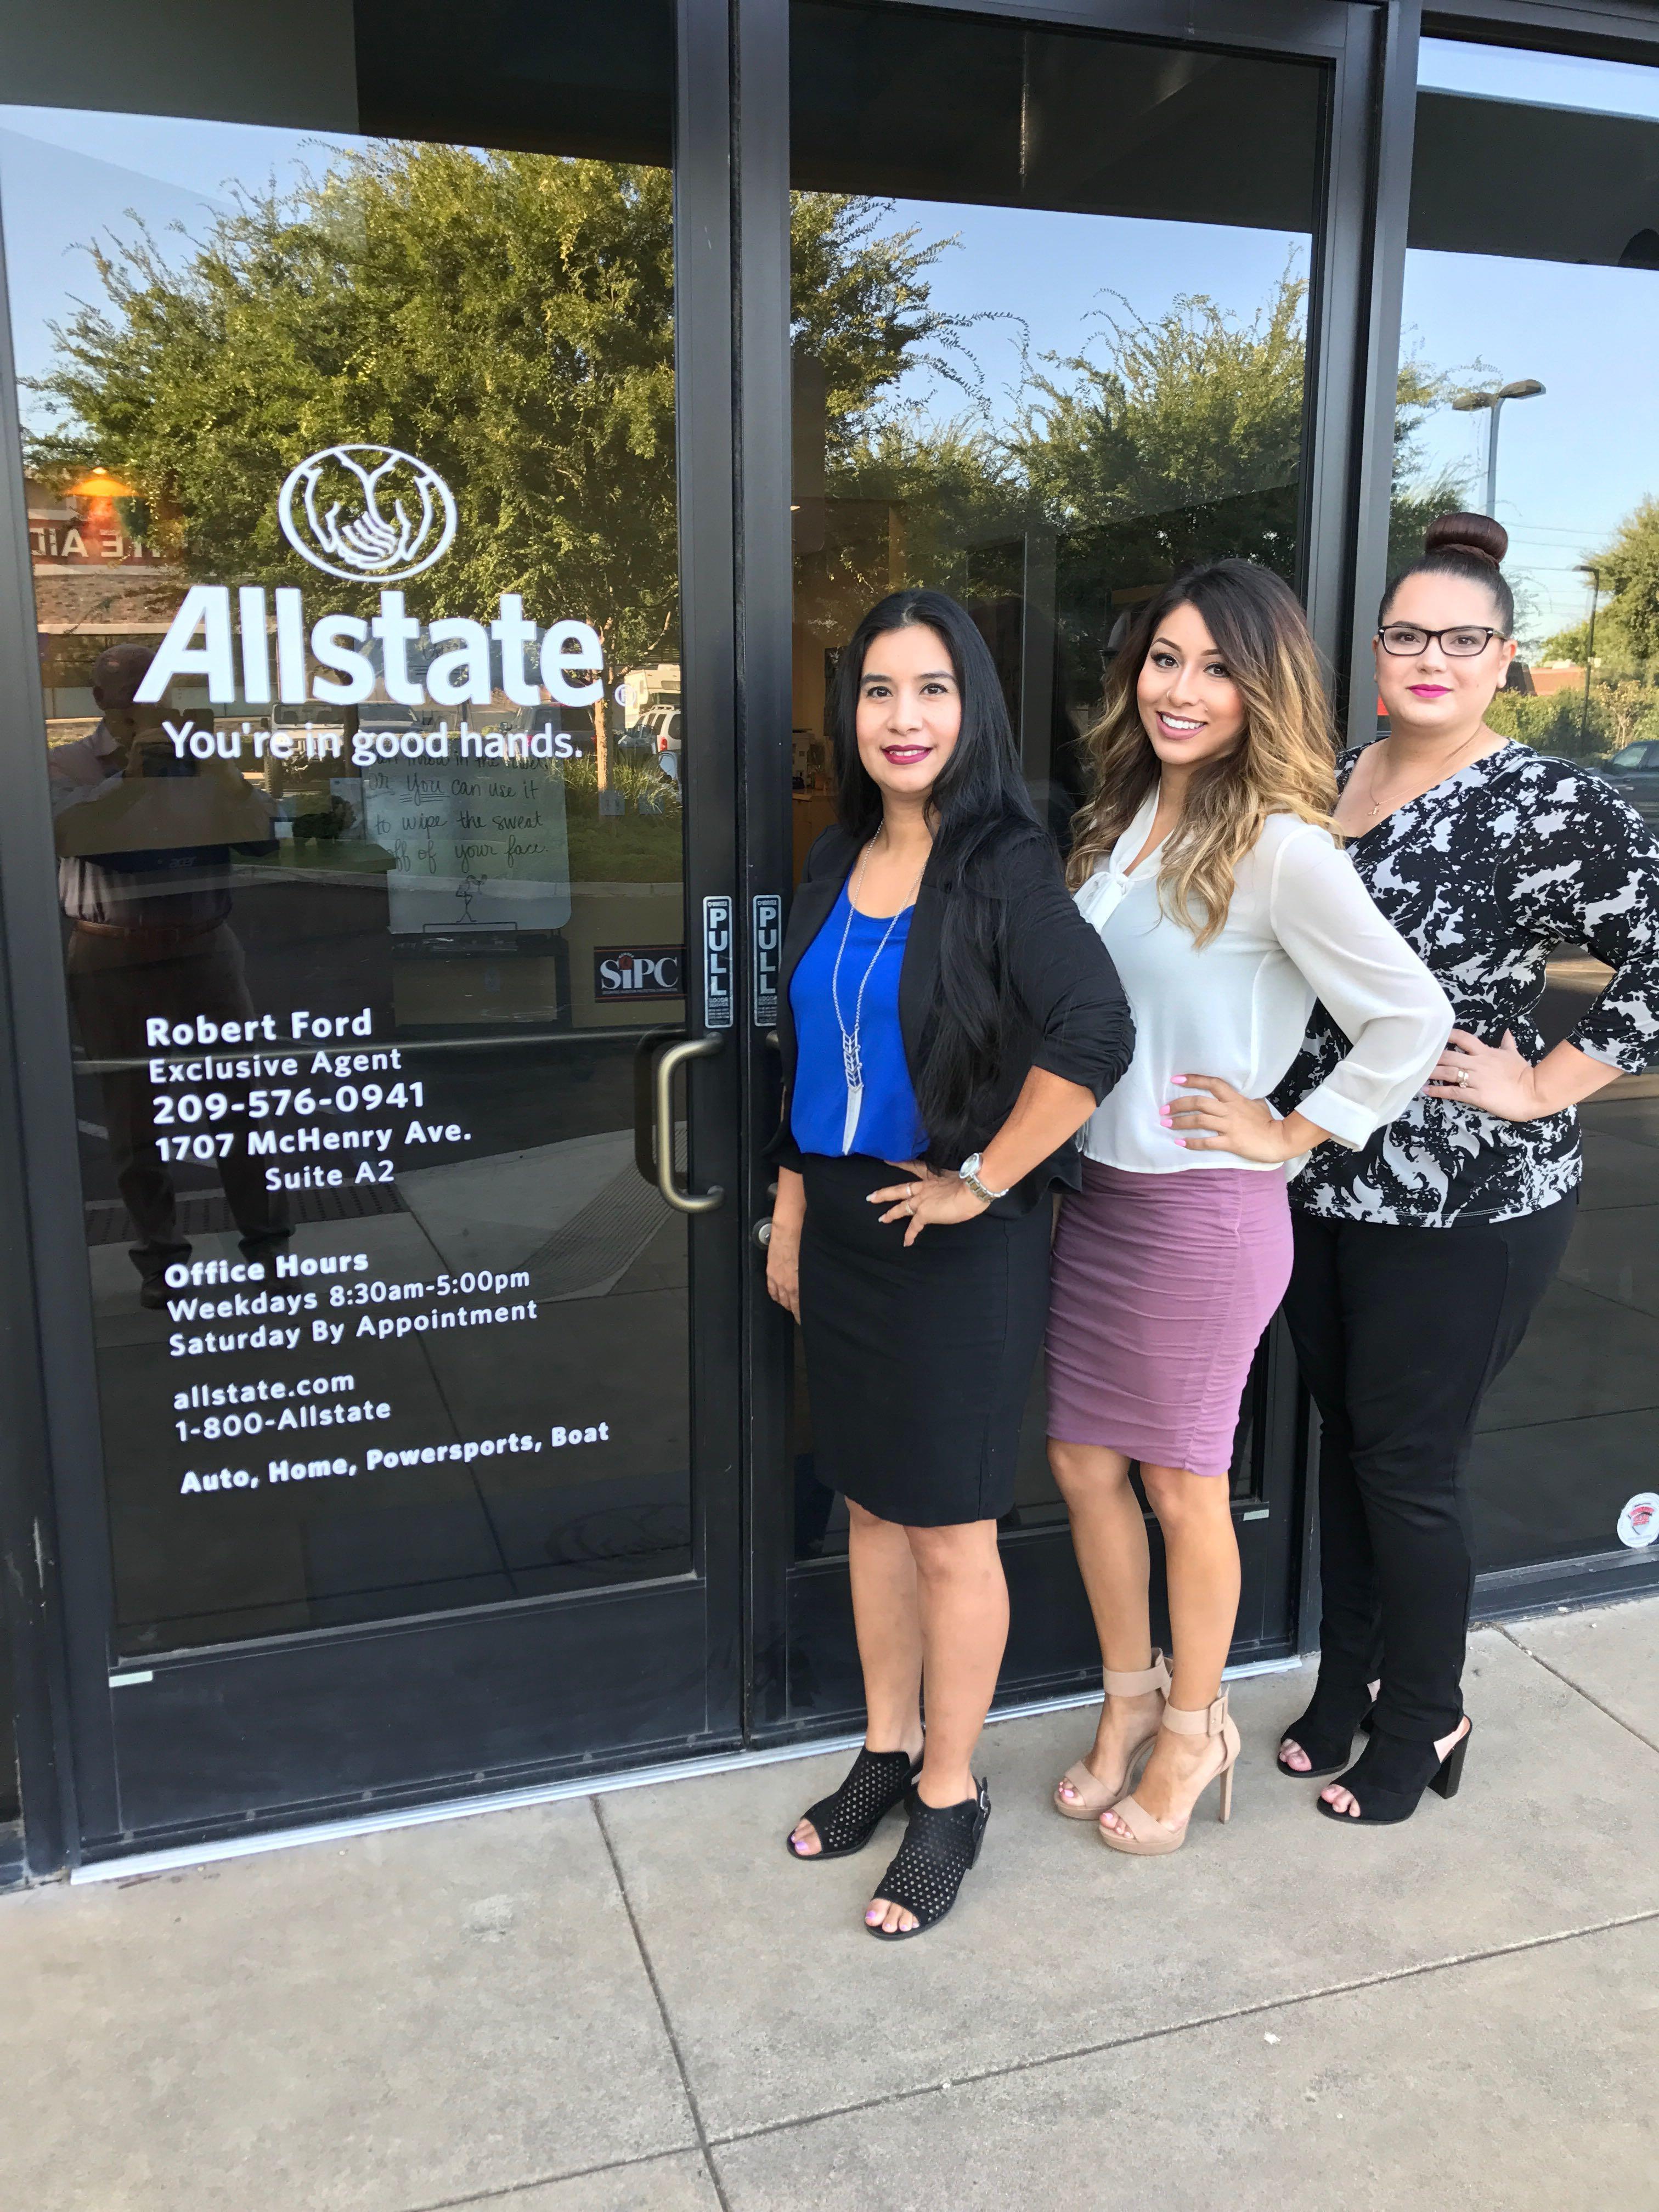 Robert Ford: Allstate Insurance image 1